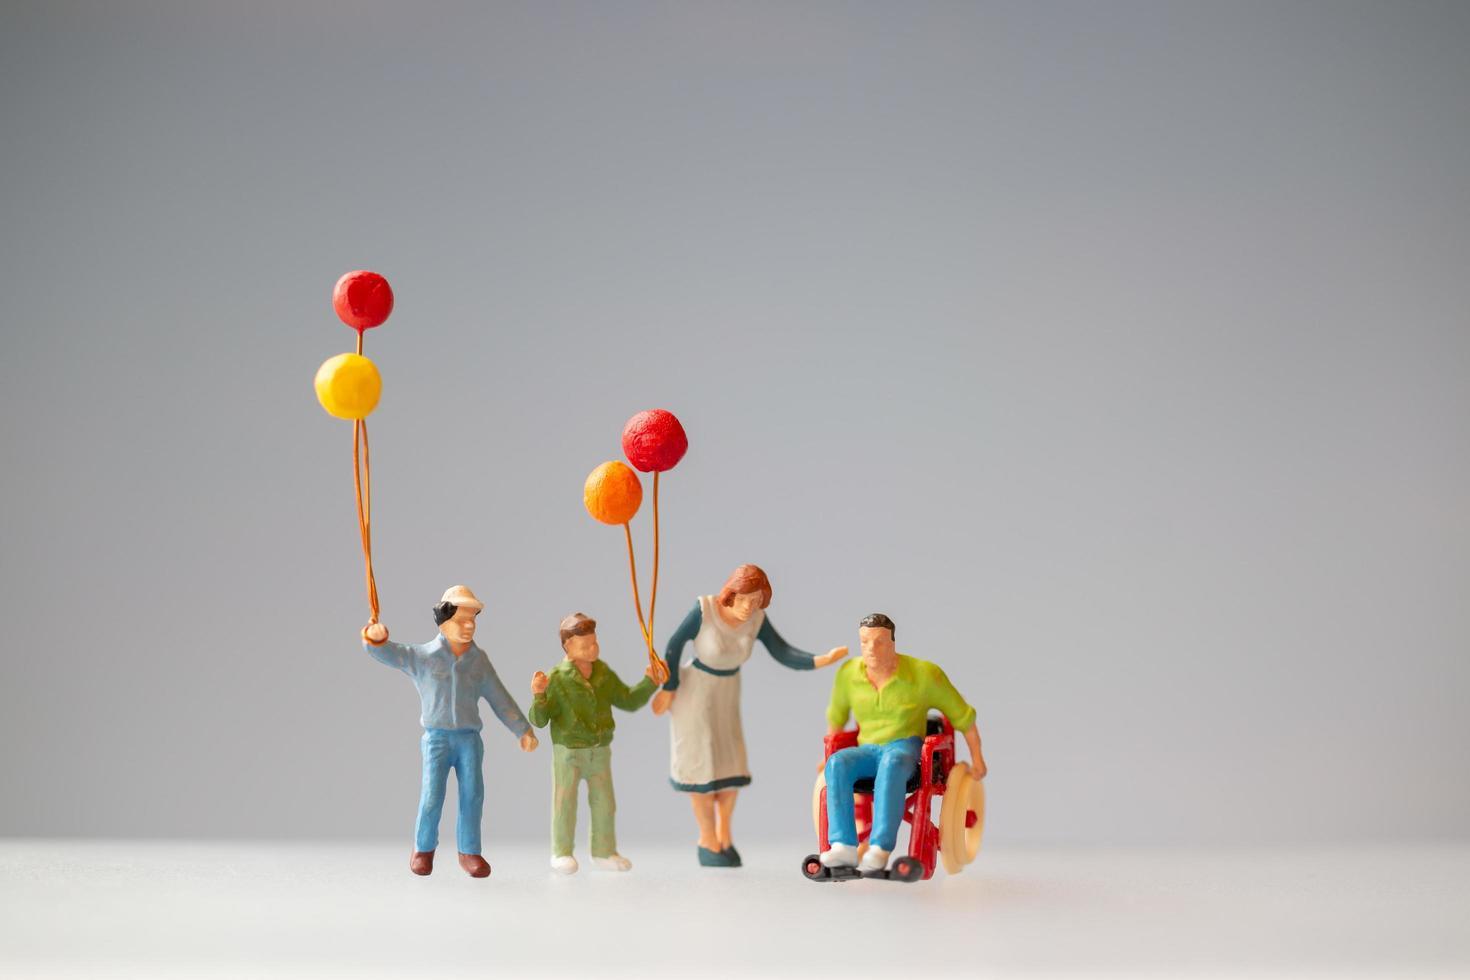 statuine in miniatura di una famiglia con palloncini foto